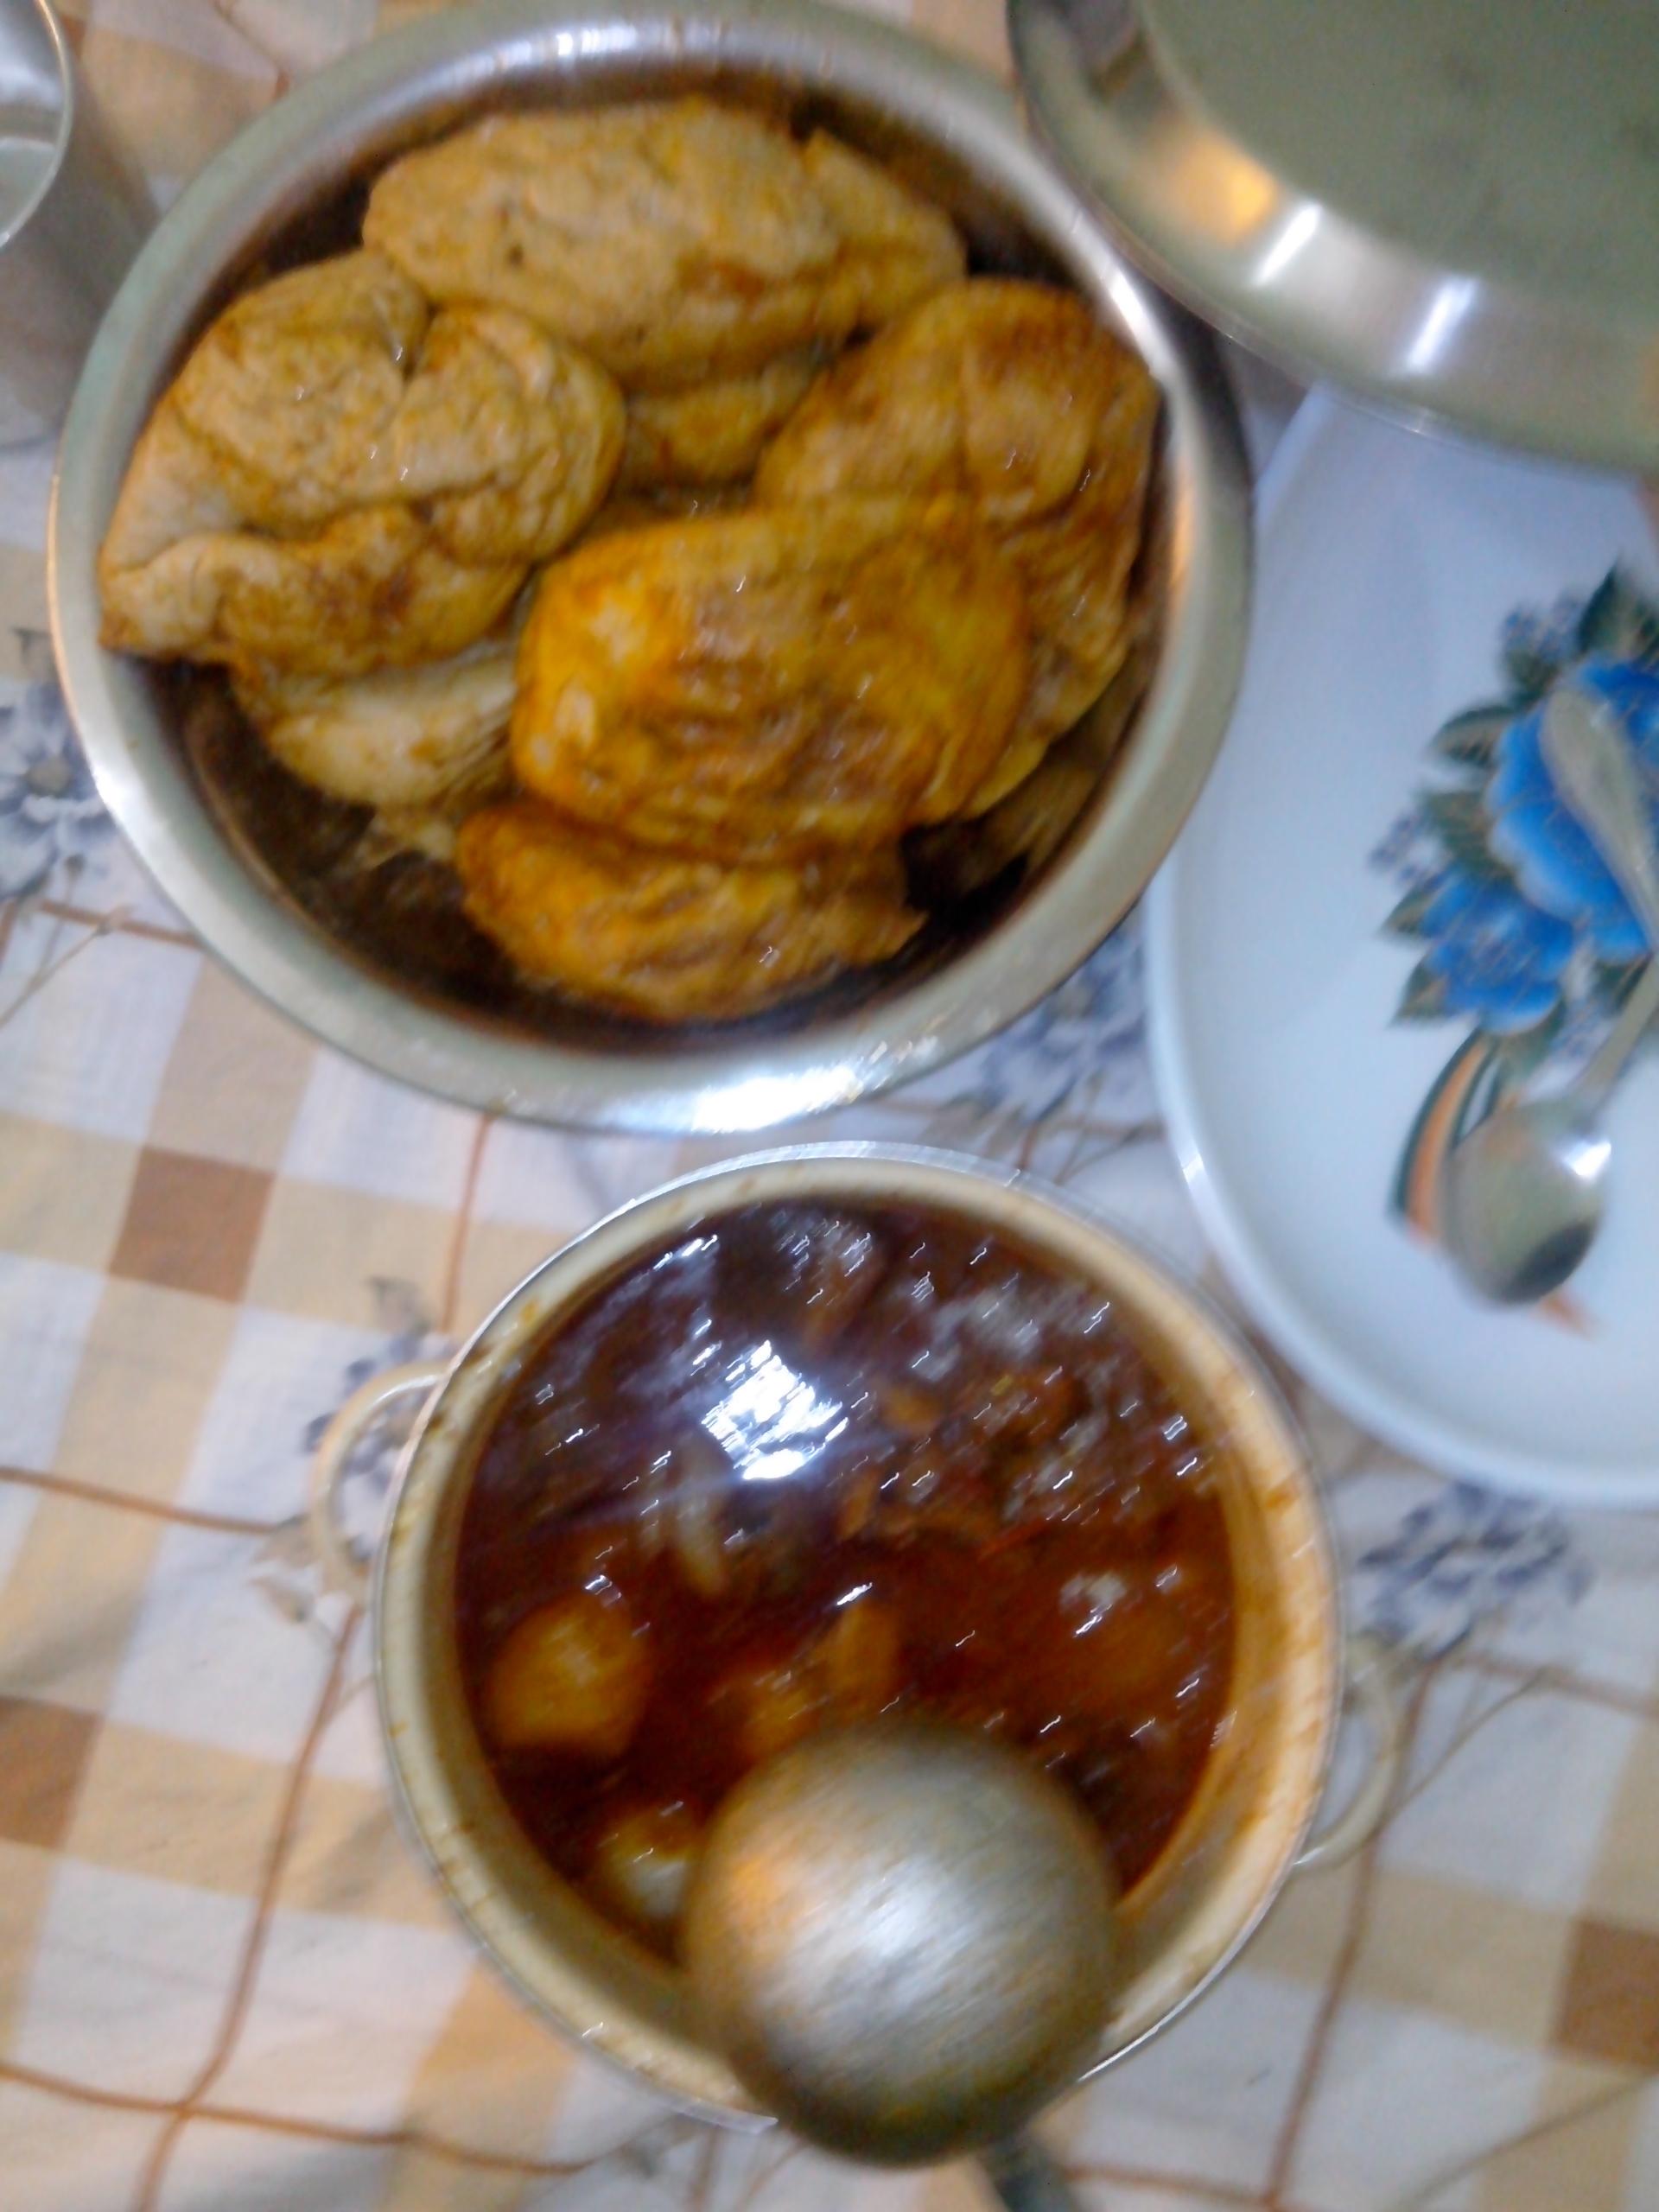 Spécialité culinaire de Tombouctou crédit photo: Faty